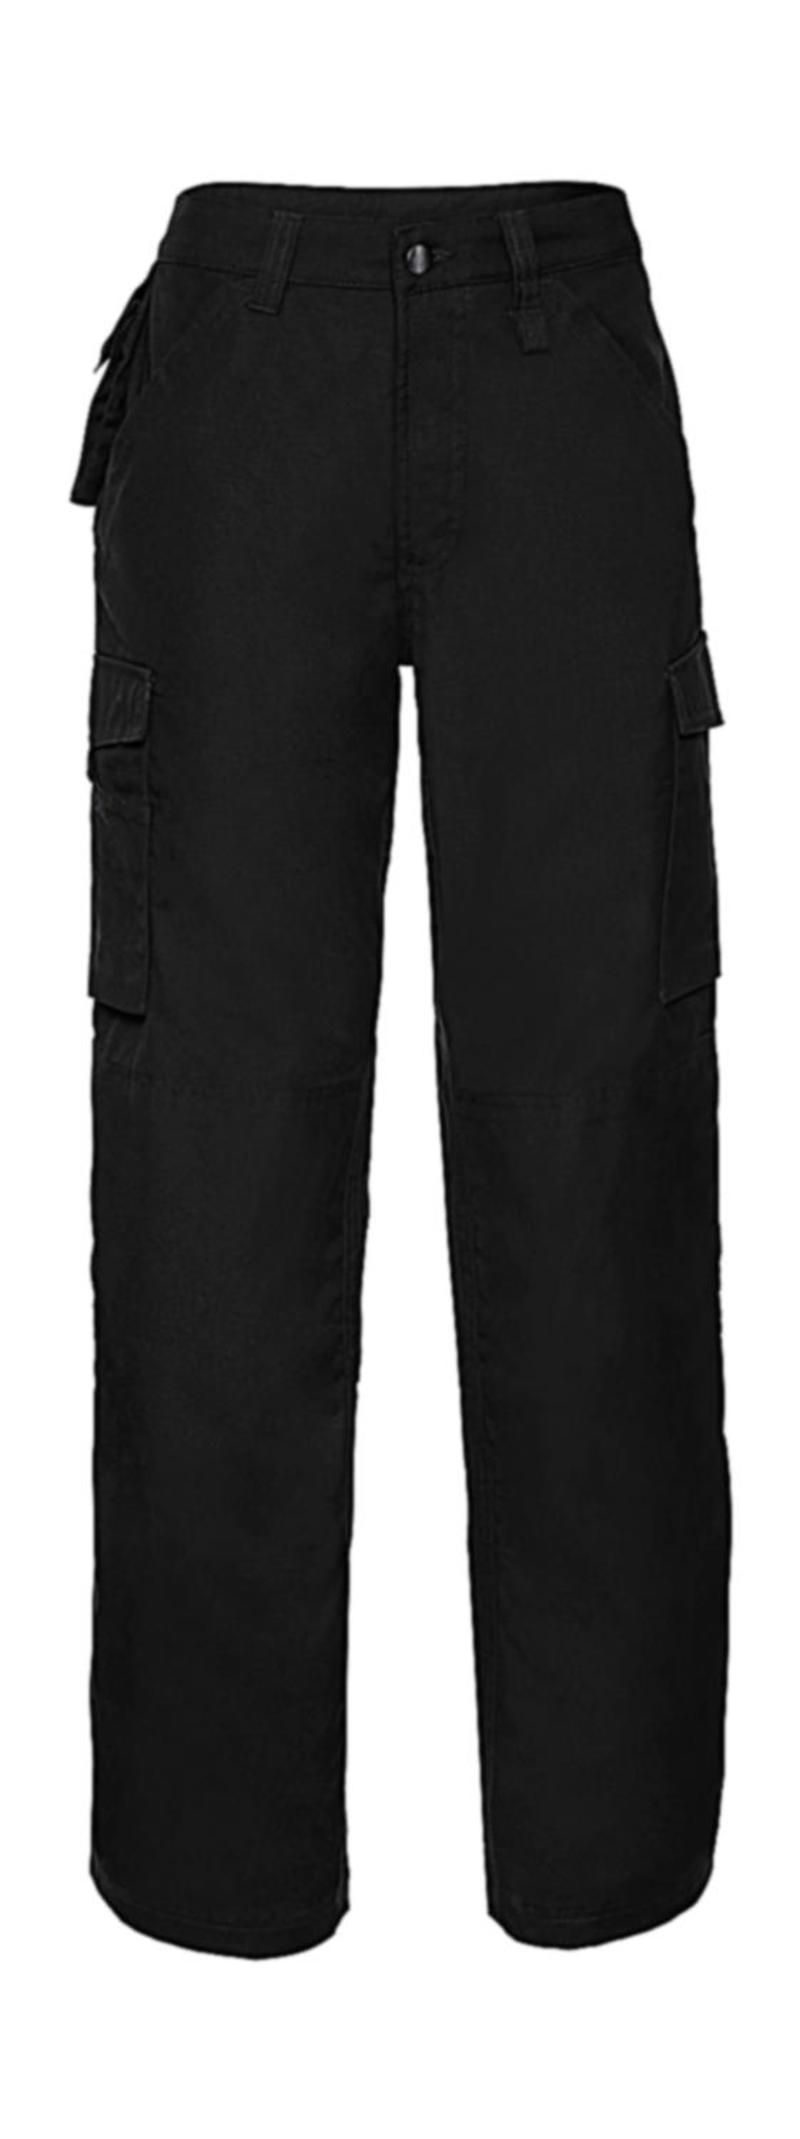 Heavy Duty Workwear Trouser Length 34